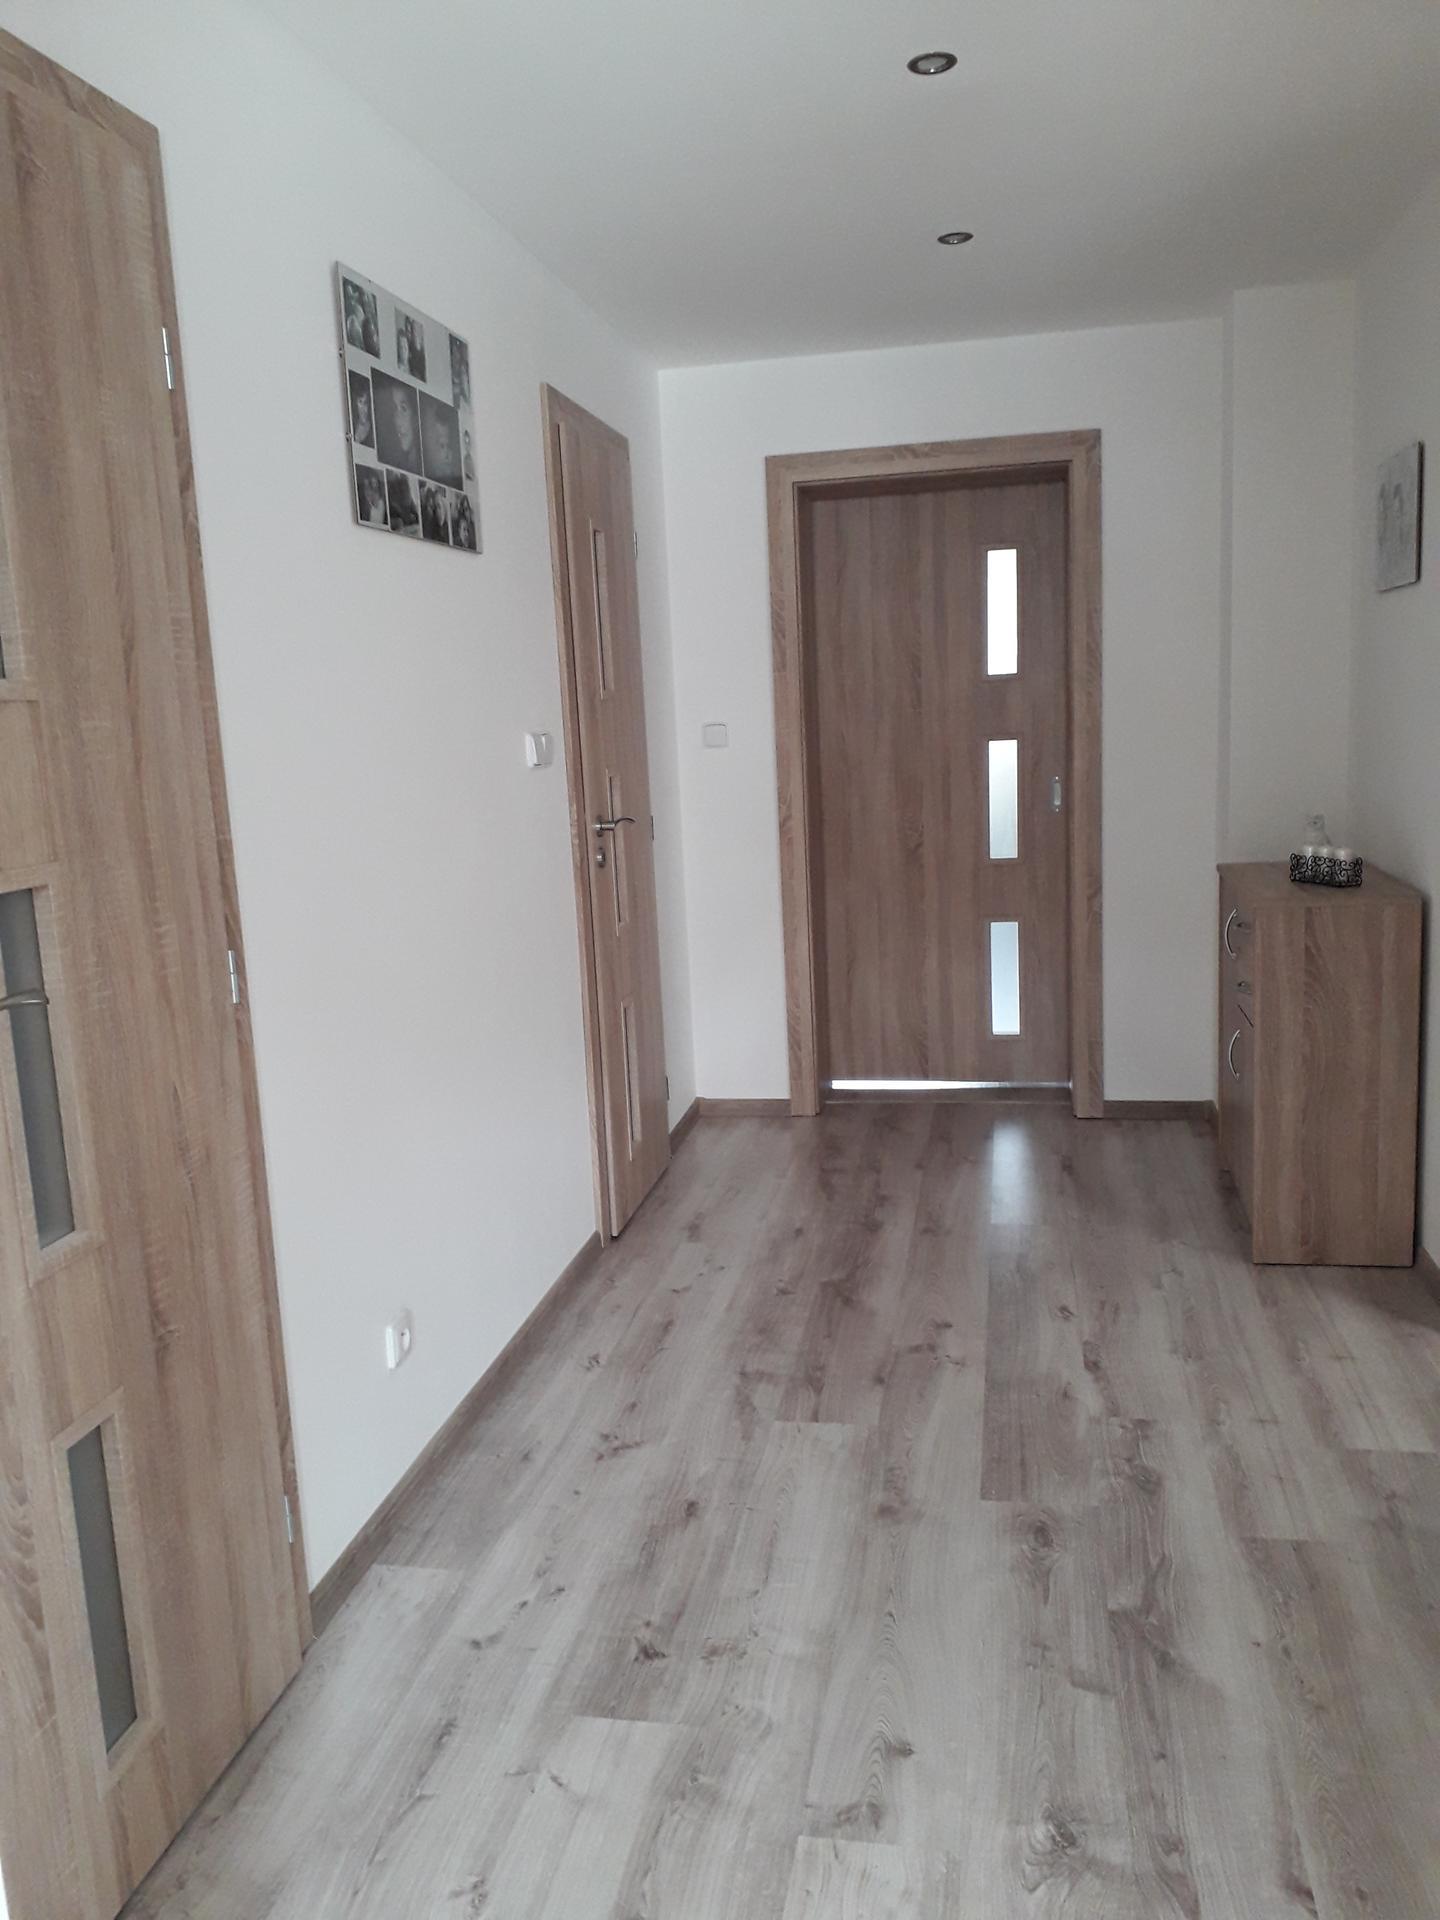 Dom/rekonštrukcia, sen/náročné obdobie :-) - máme dvere :-)  spodné poschodie